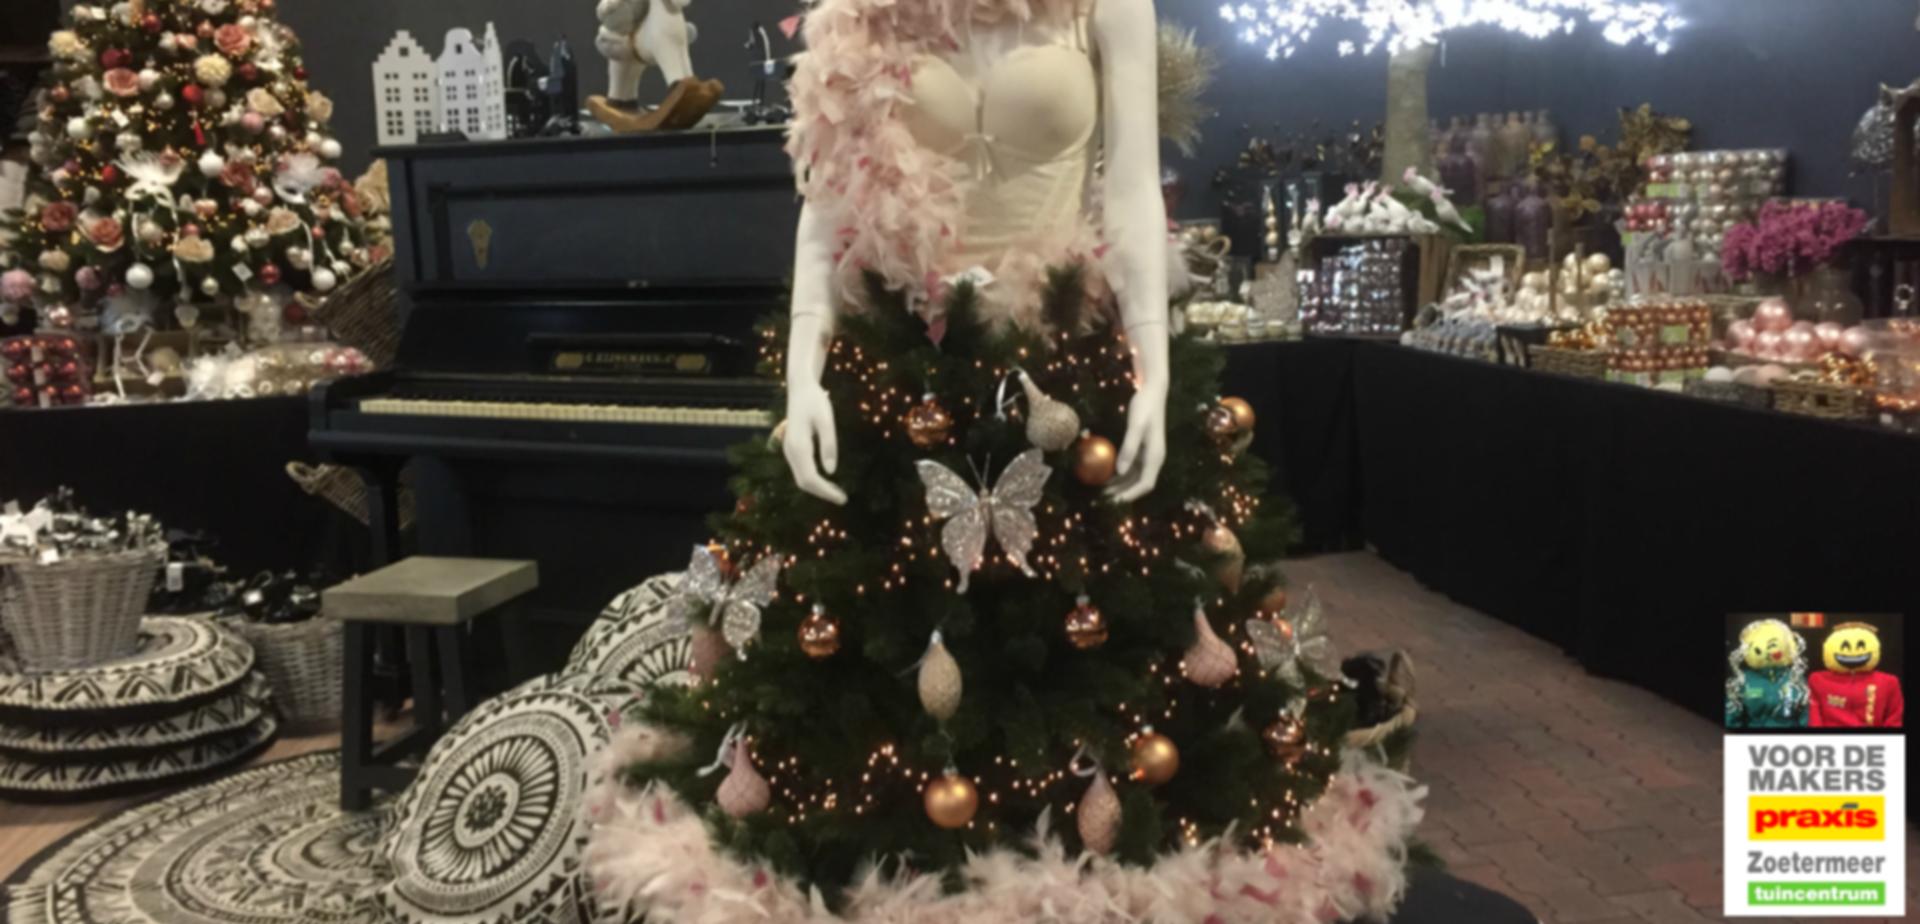 Alternatieve Kerstboom Voordemakersnl